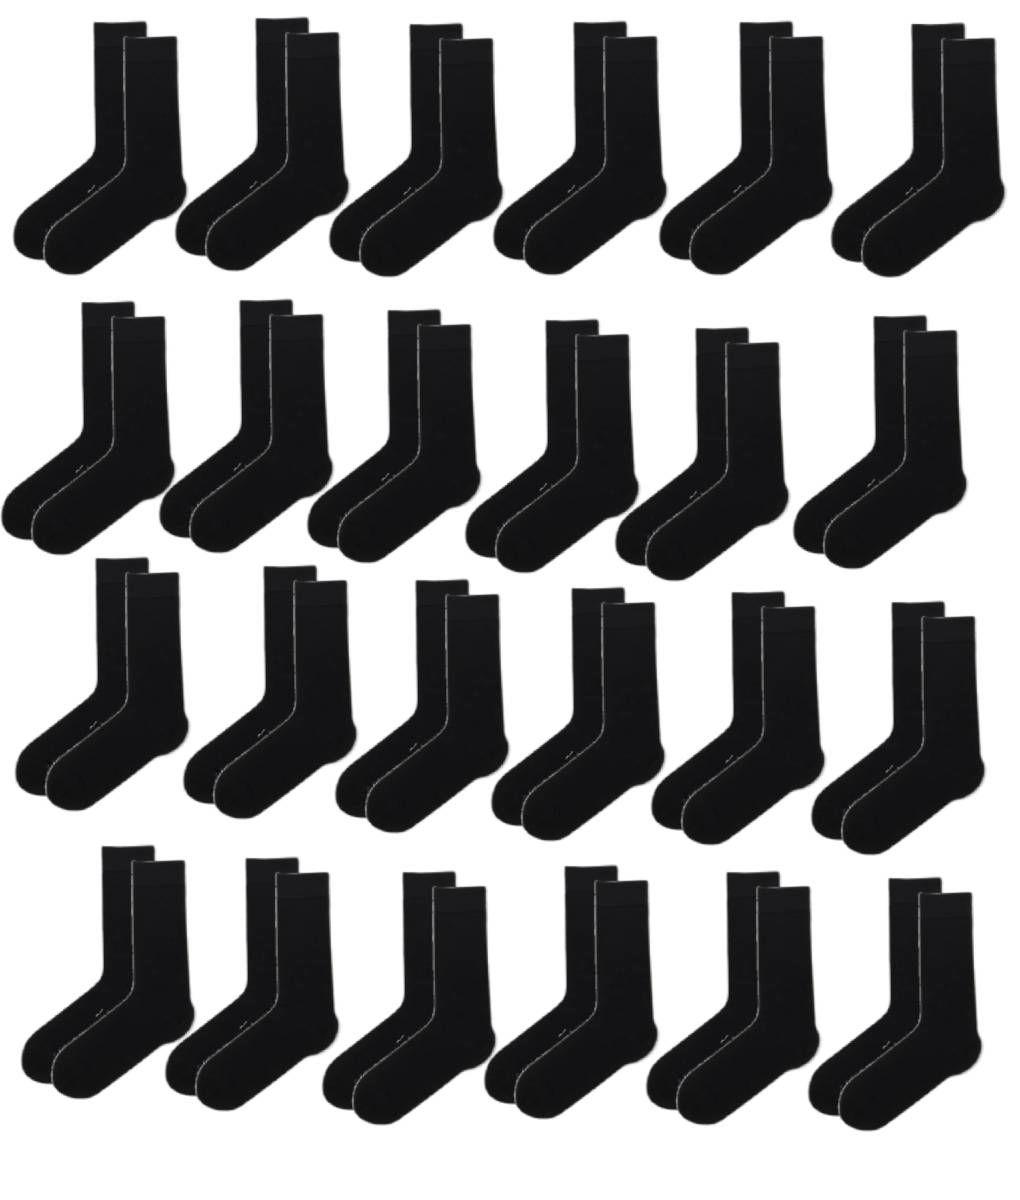 Κάλτσα βαμβακερή ανδρική σε μαύρο χρώμα 24 ζεύγη